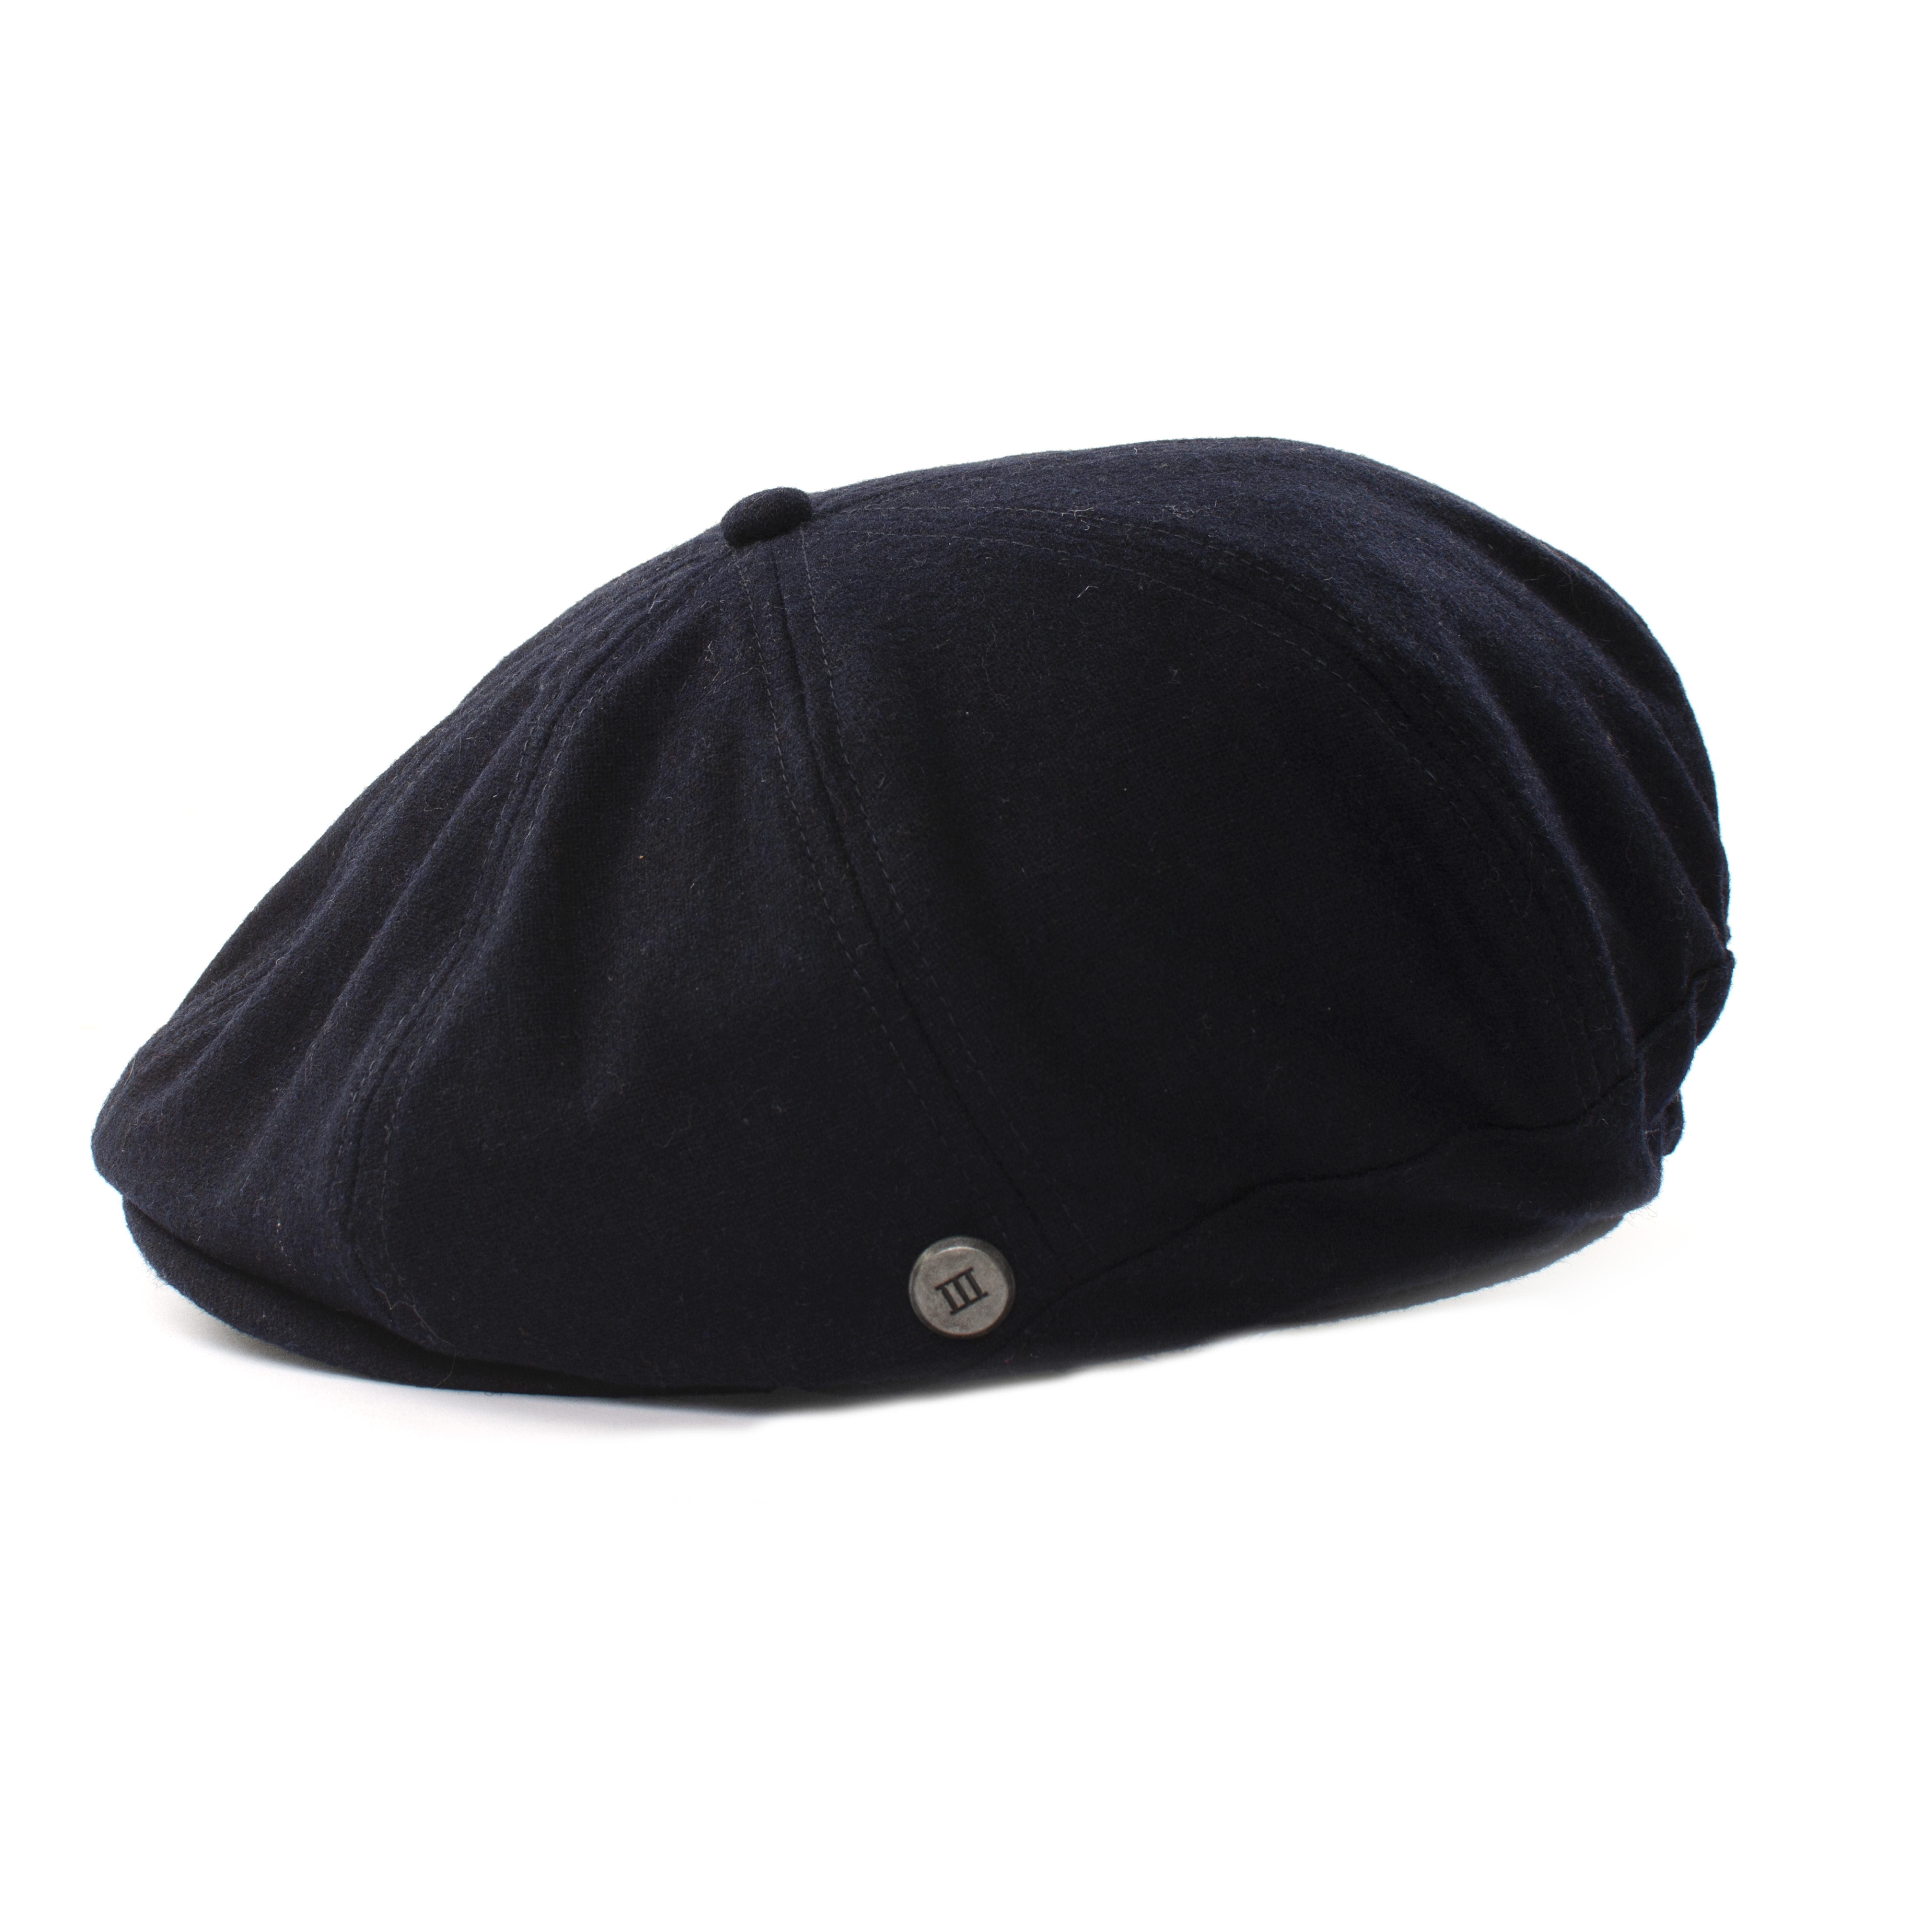 Jezz | Twill flatcap navy